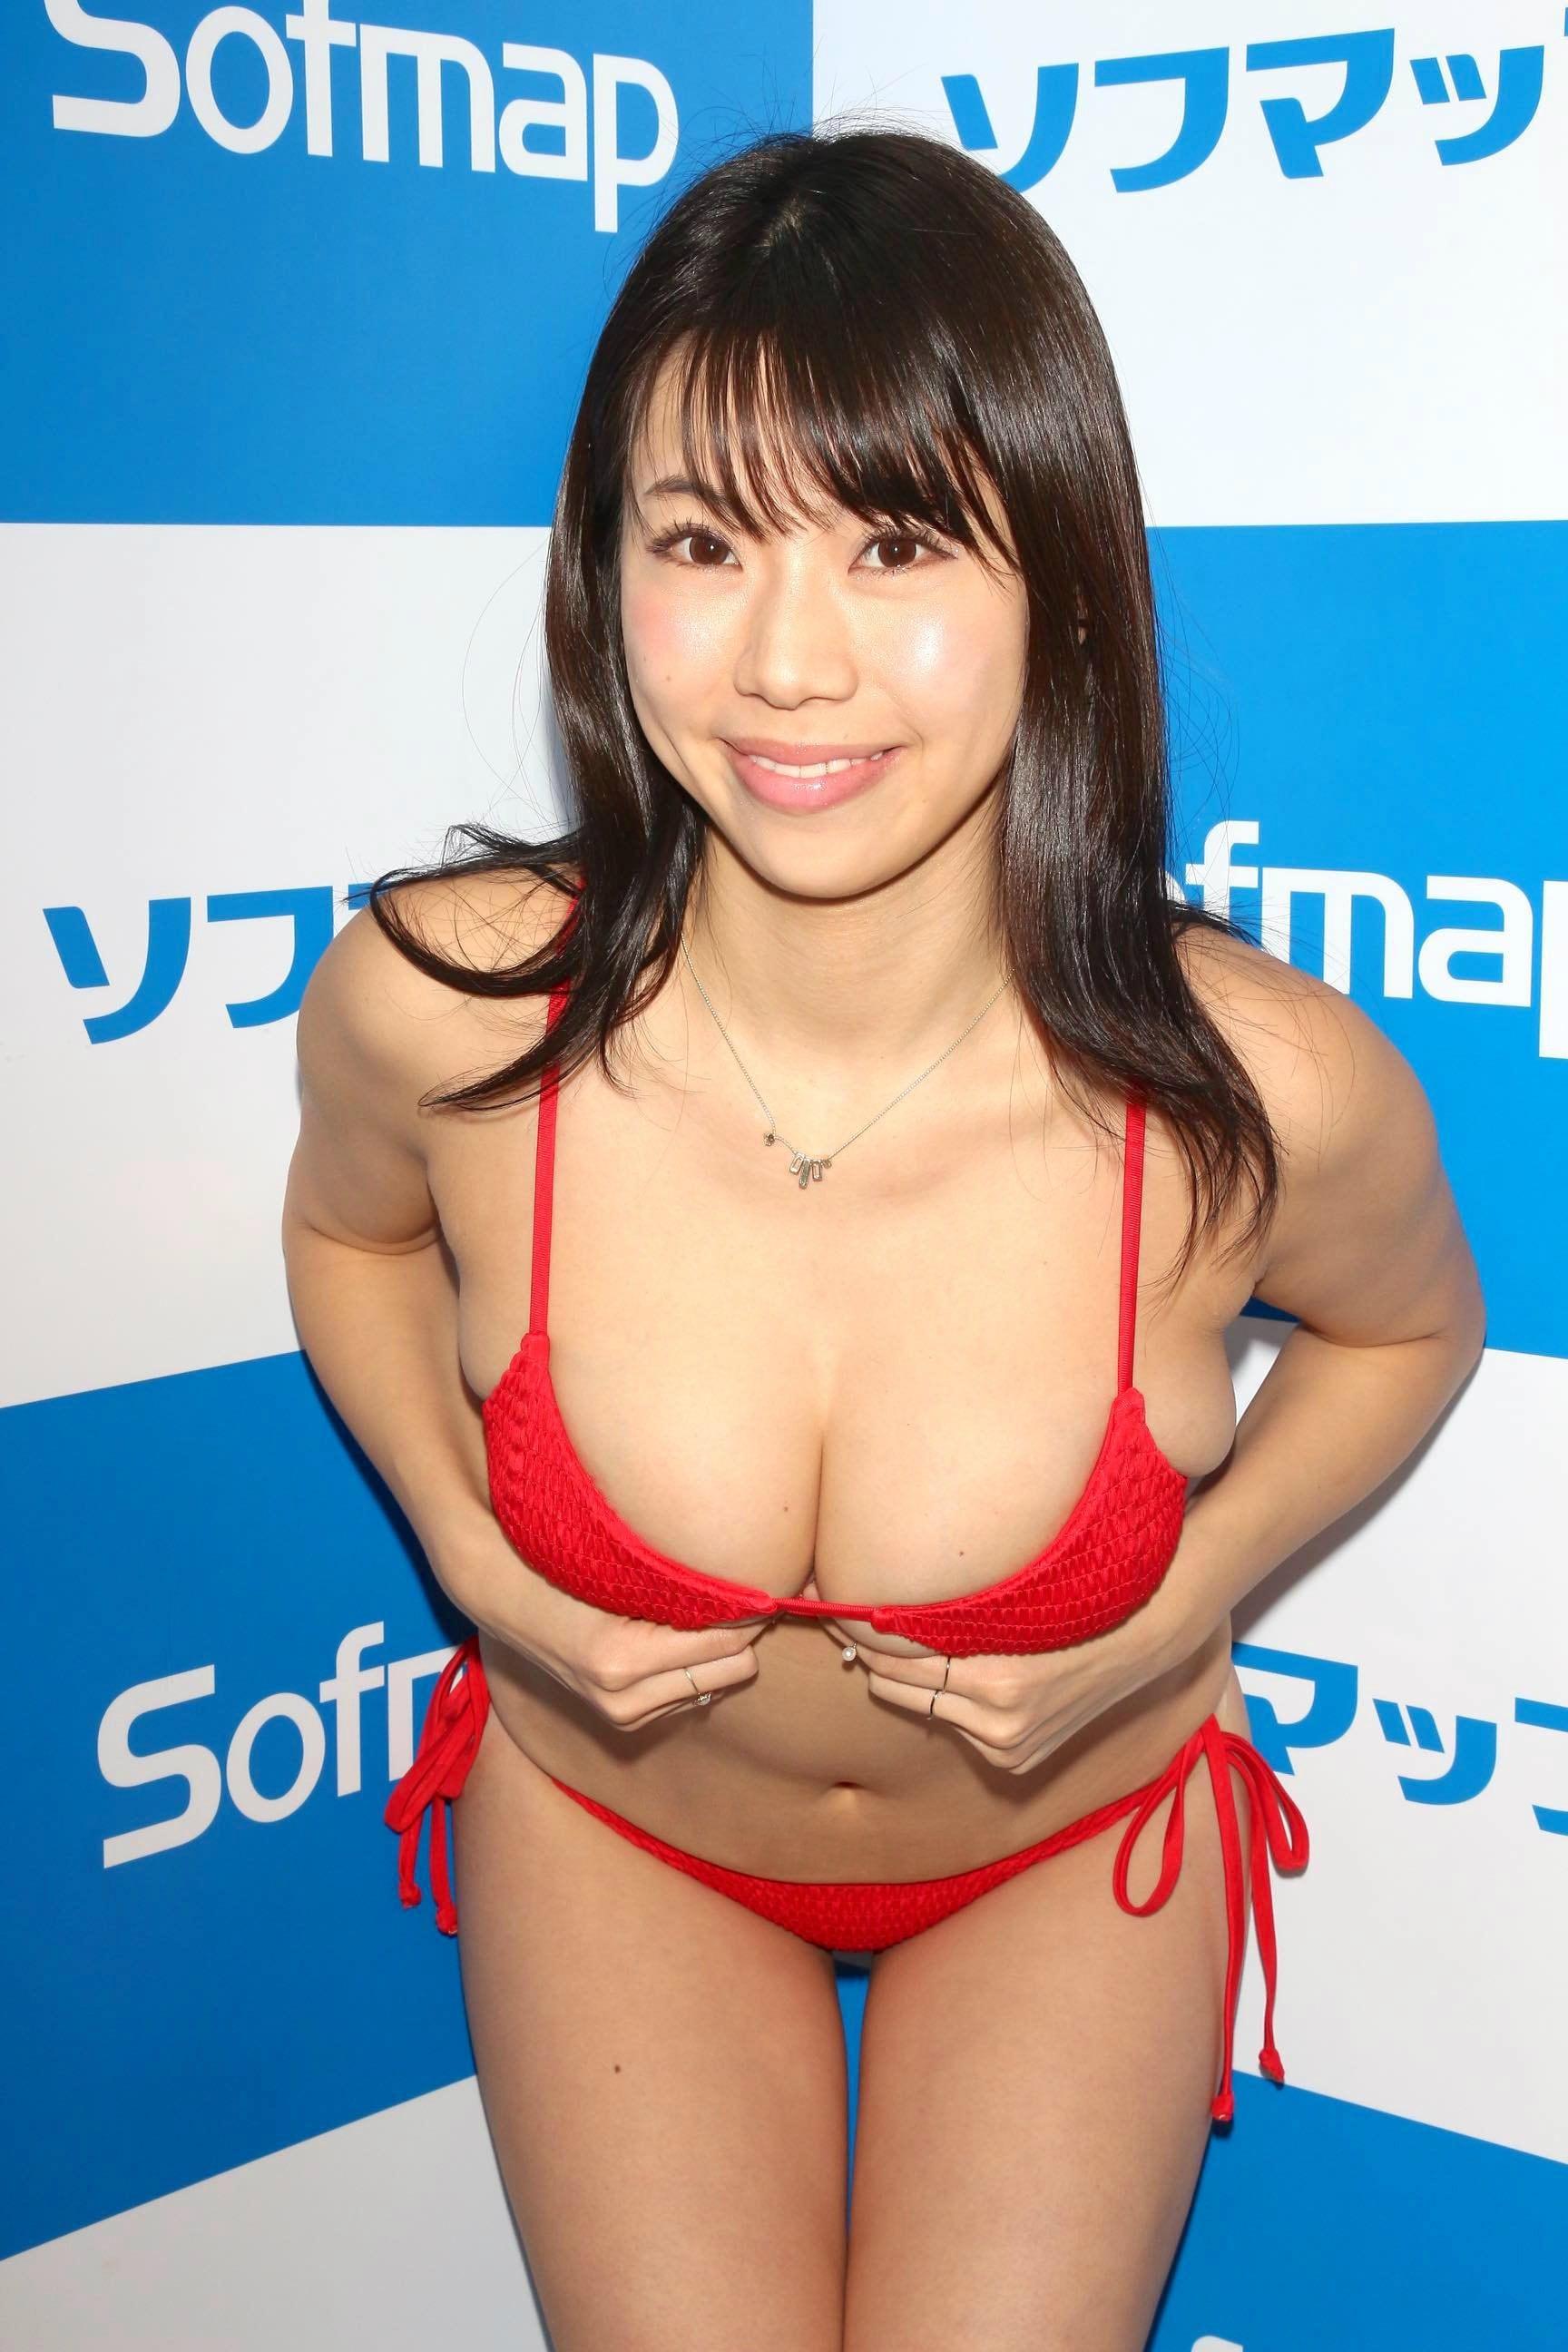 鈴木ふみ奈「待望のビキニ姿」2年半ぶりのDVDを発売!【写真23枚】の画像016